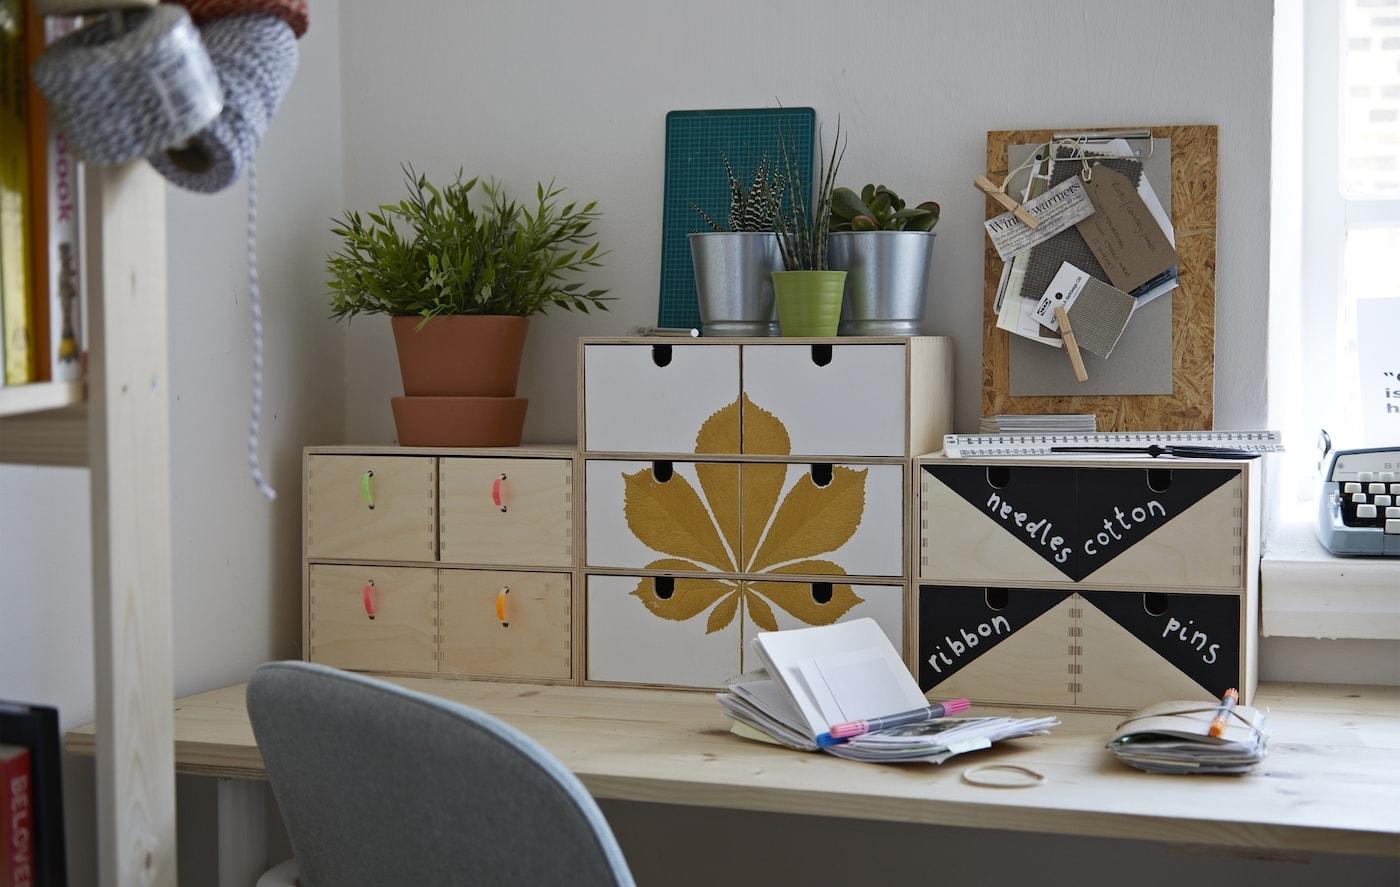 Mini Cassettiera Fai Da Te idee per personalizzare la minicassettiera moppe - ikea it